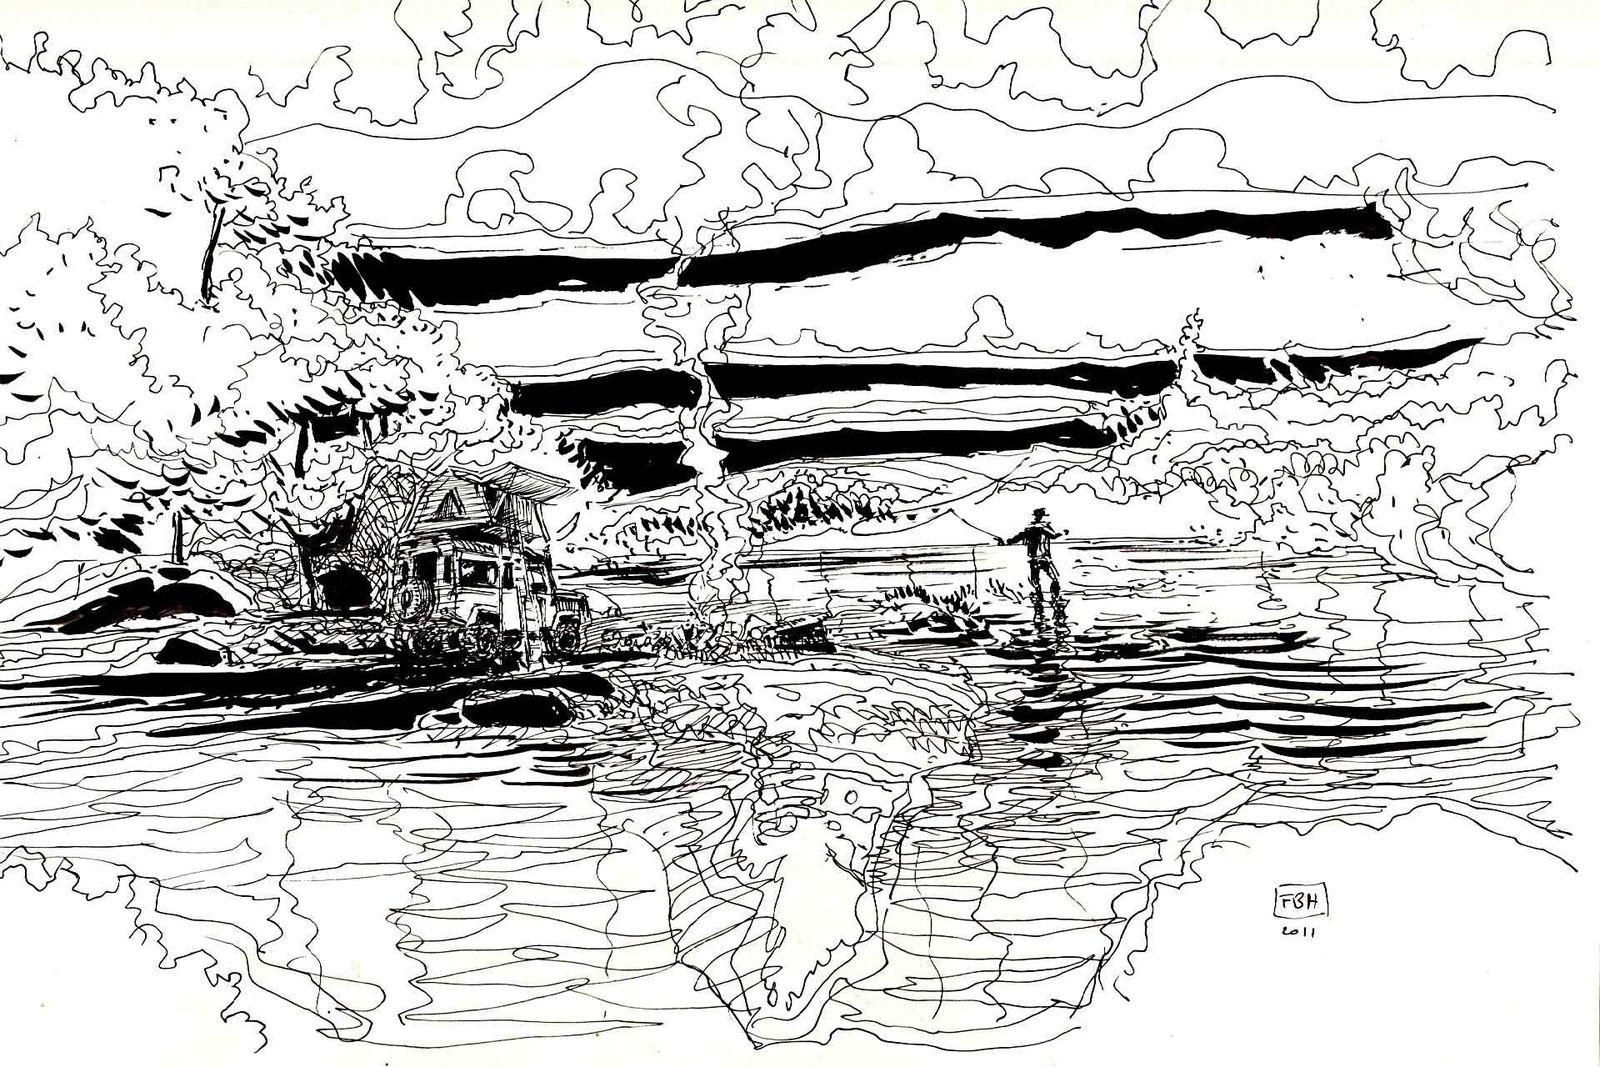 Defender encre de chine sur papier 2011 21X32 (10)